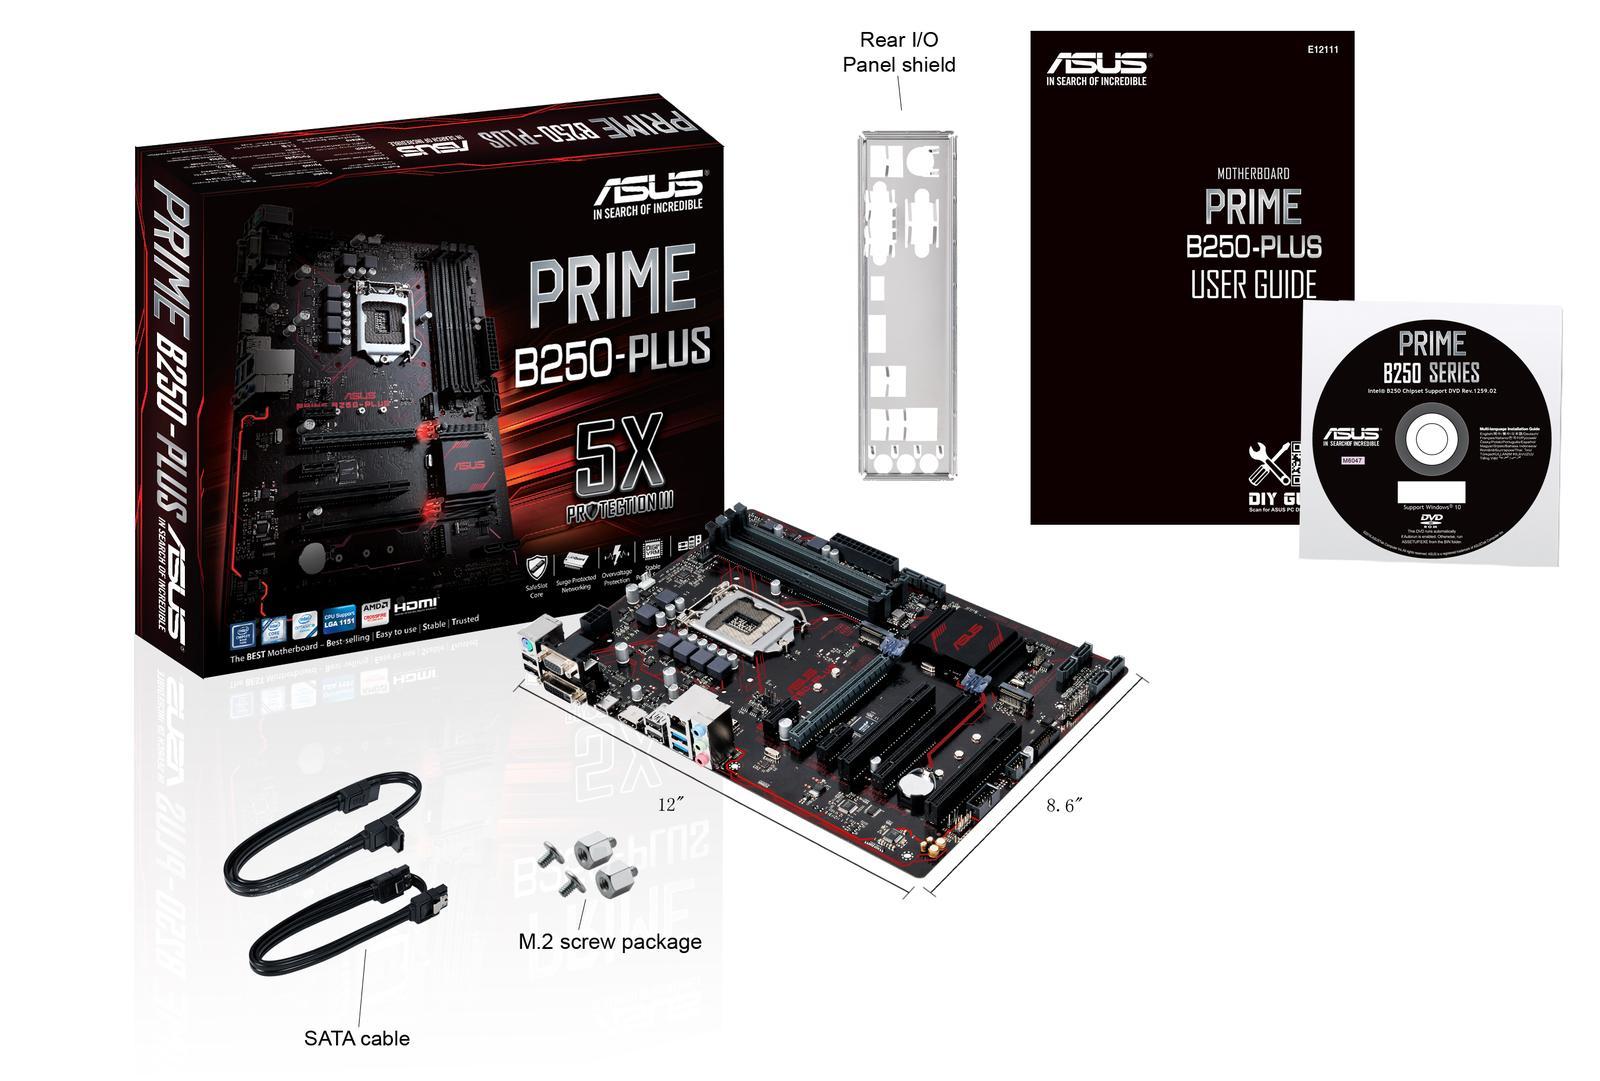 Asus PRIME B250-PLUS ATX LGA 1151